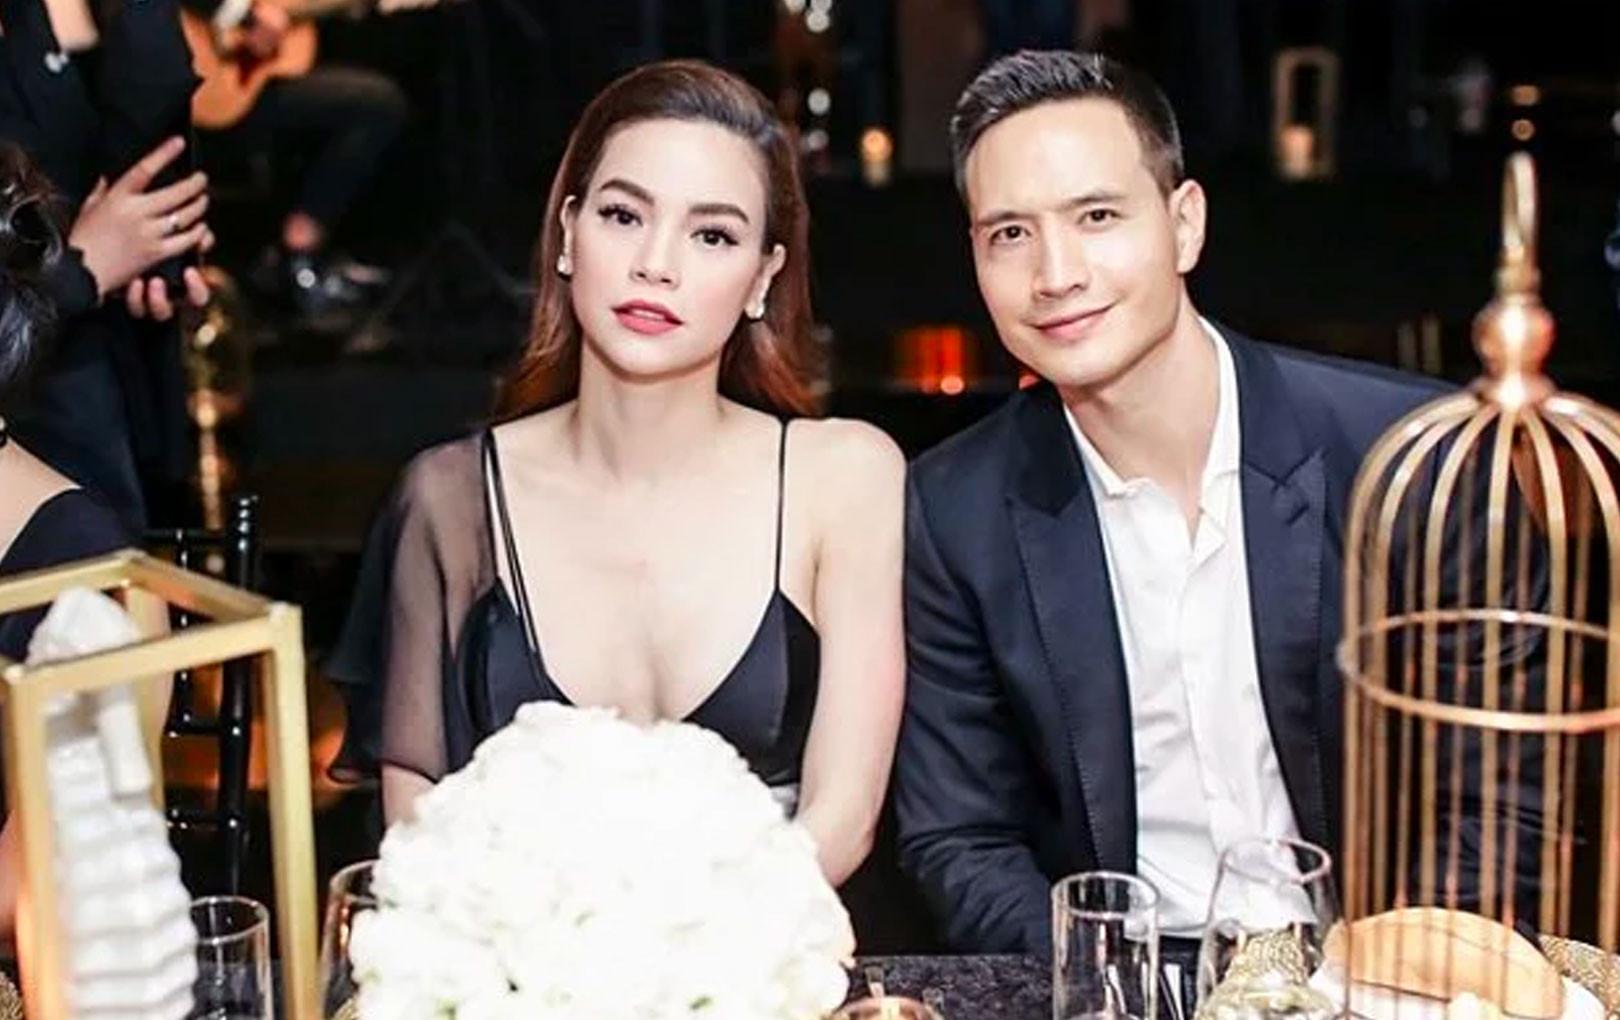 Cùng đăng một bức ảnh, Kim Lý và Hà Hồ lại tiết lộ điều bất ngờ về nhau